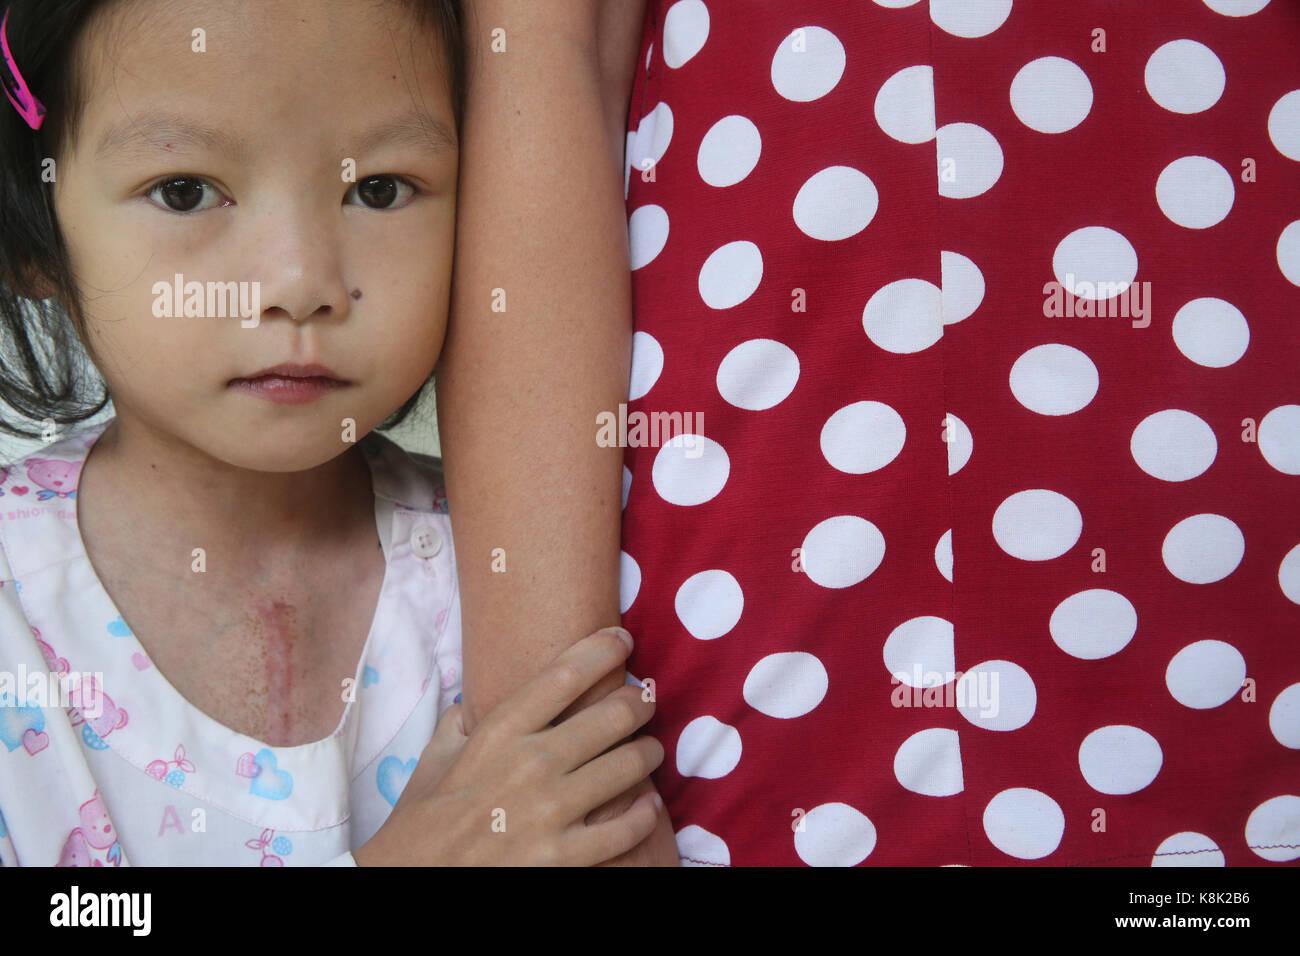 Das Herz Institut bieten qualitativ hochwertige Versorgung von Patienten mit Herzerkrankungen, die vietnamesischen. Stockbild